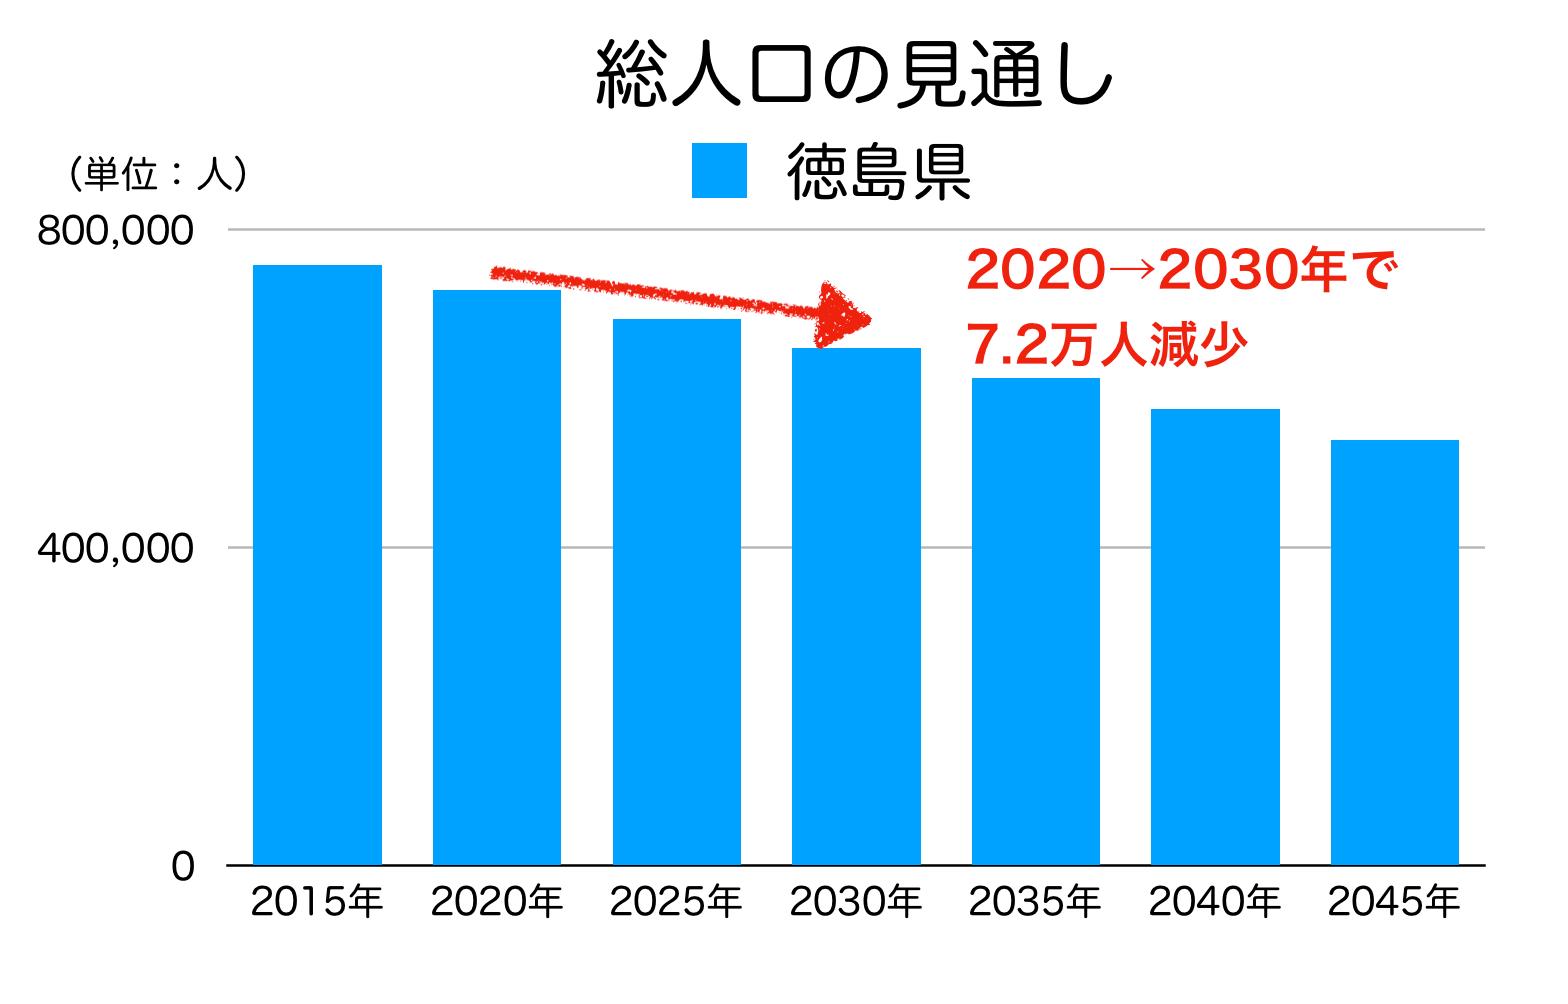 徳島県の総人口の見通し